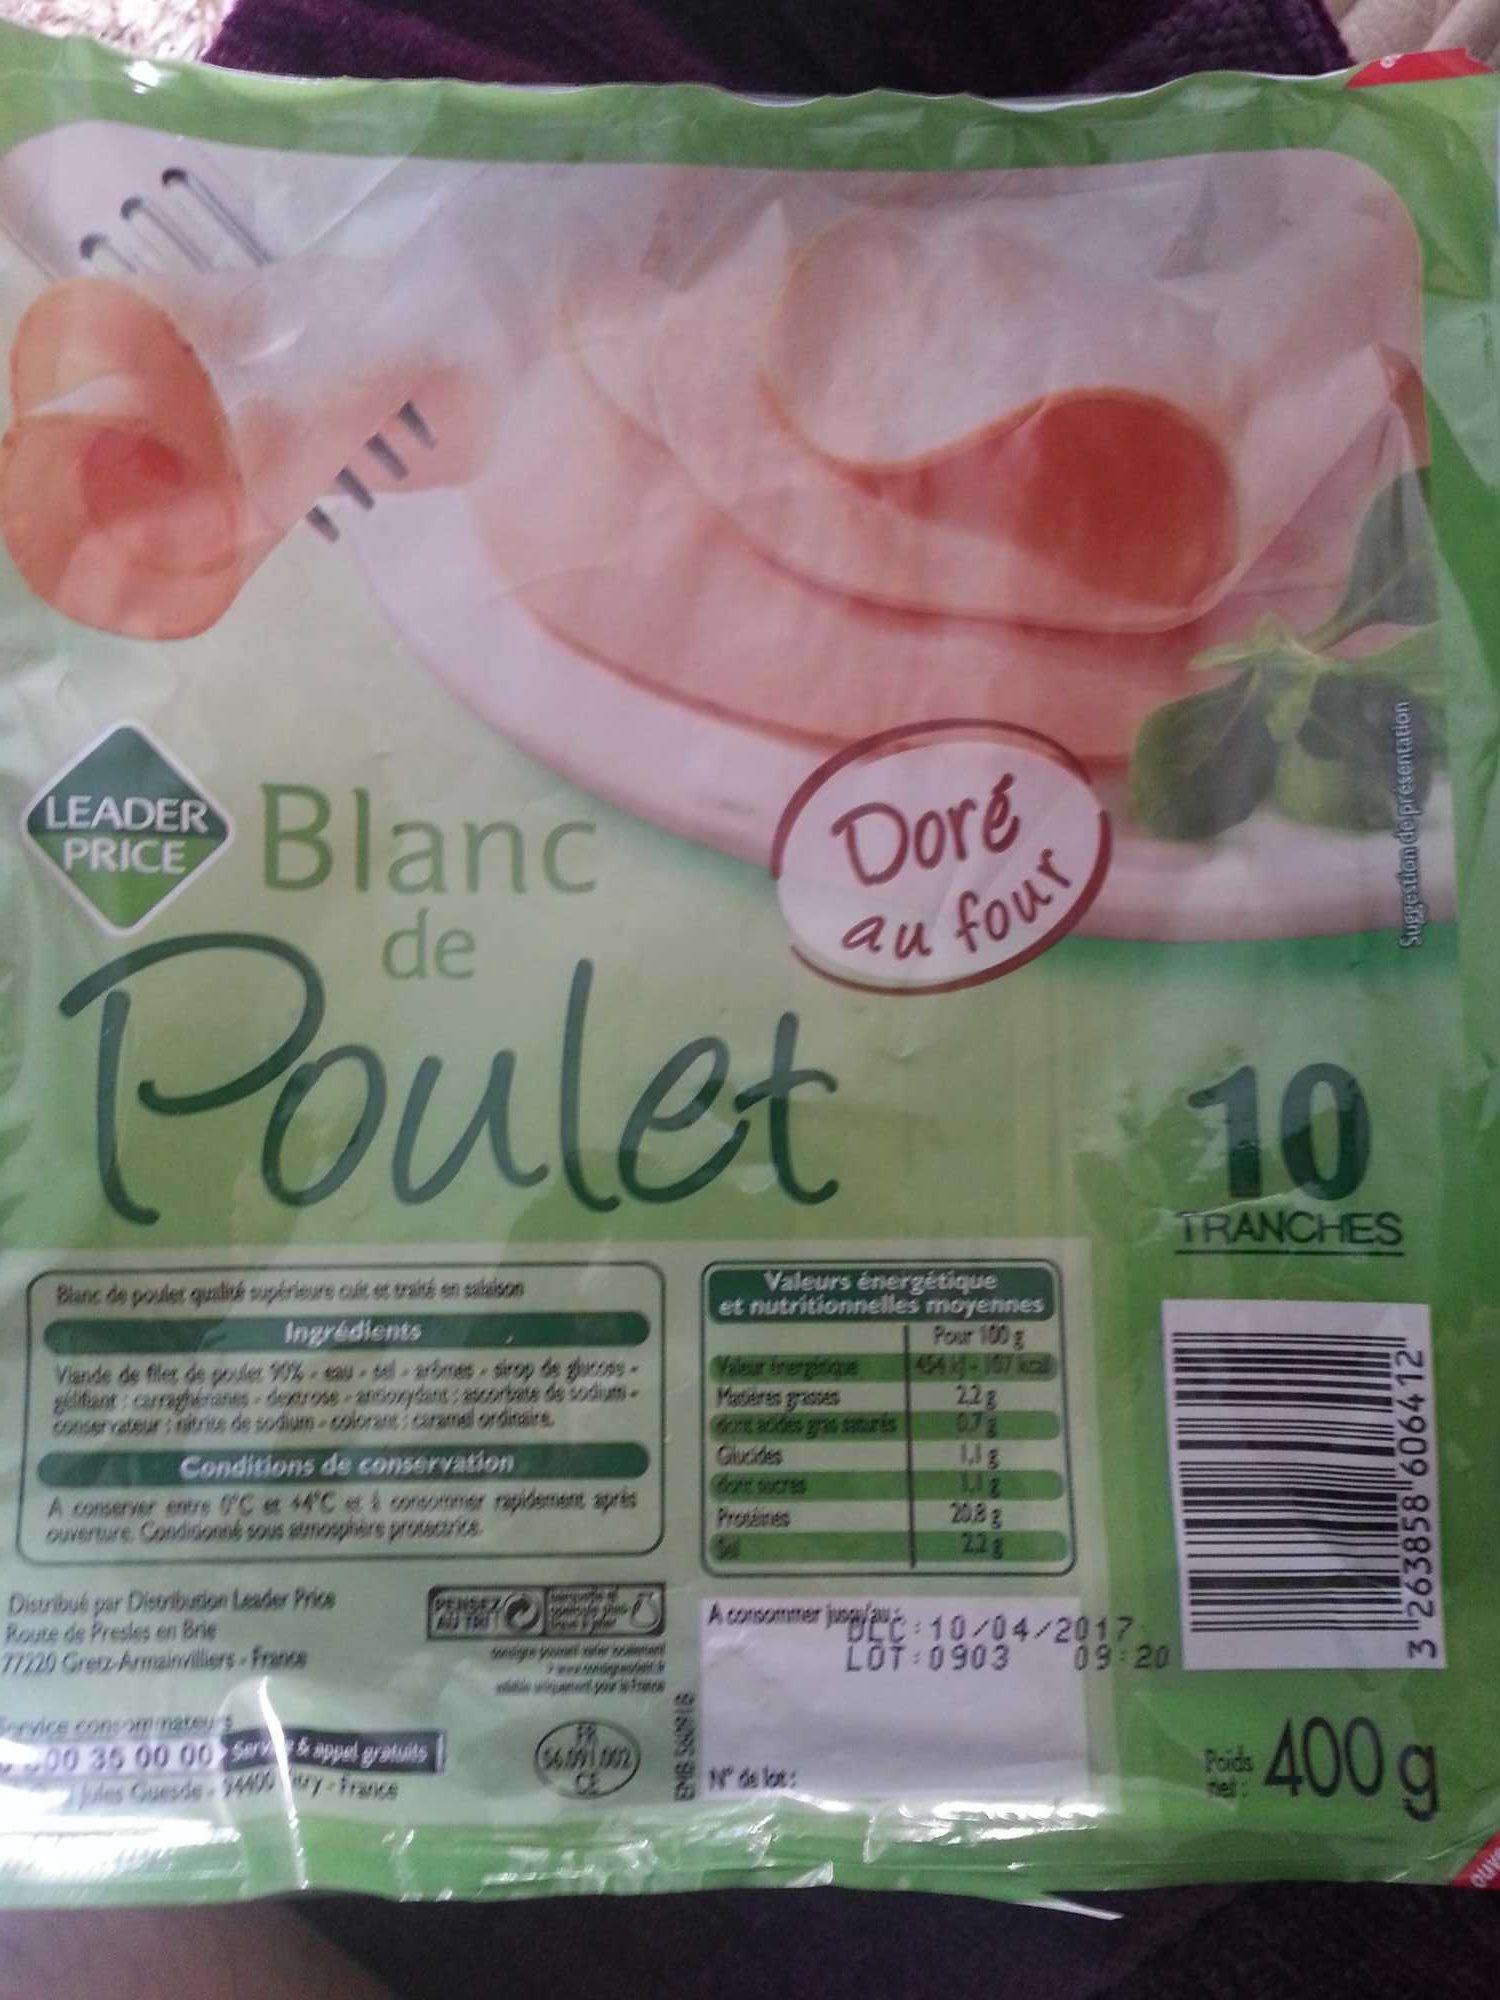 Blanc de poulet - Leader Price - 400 g